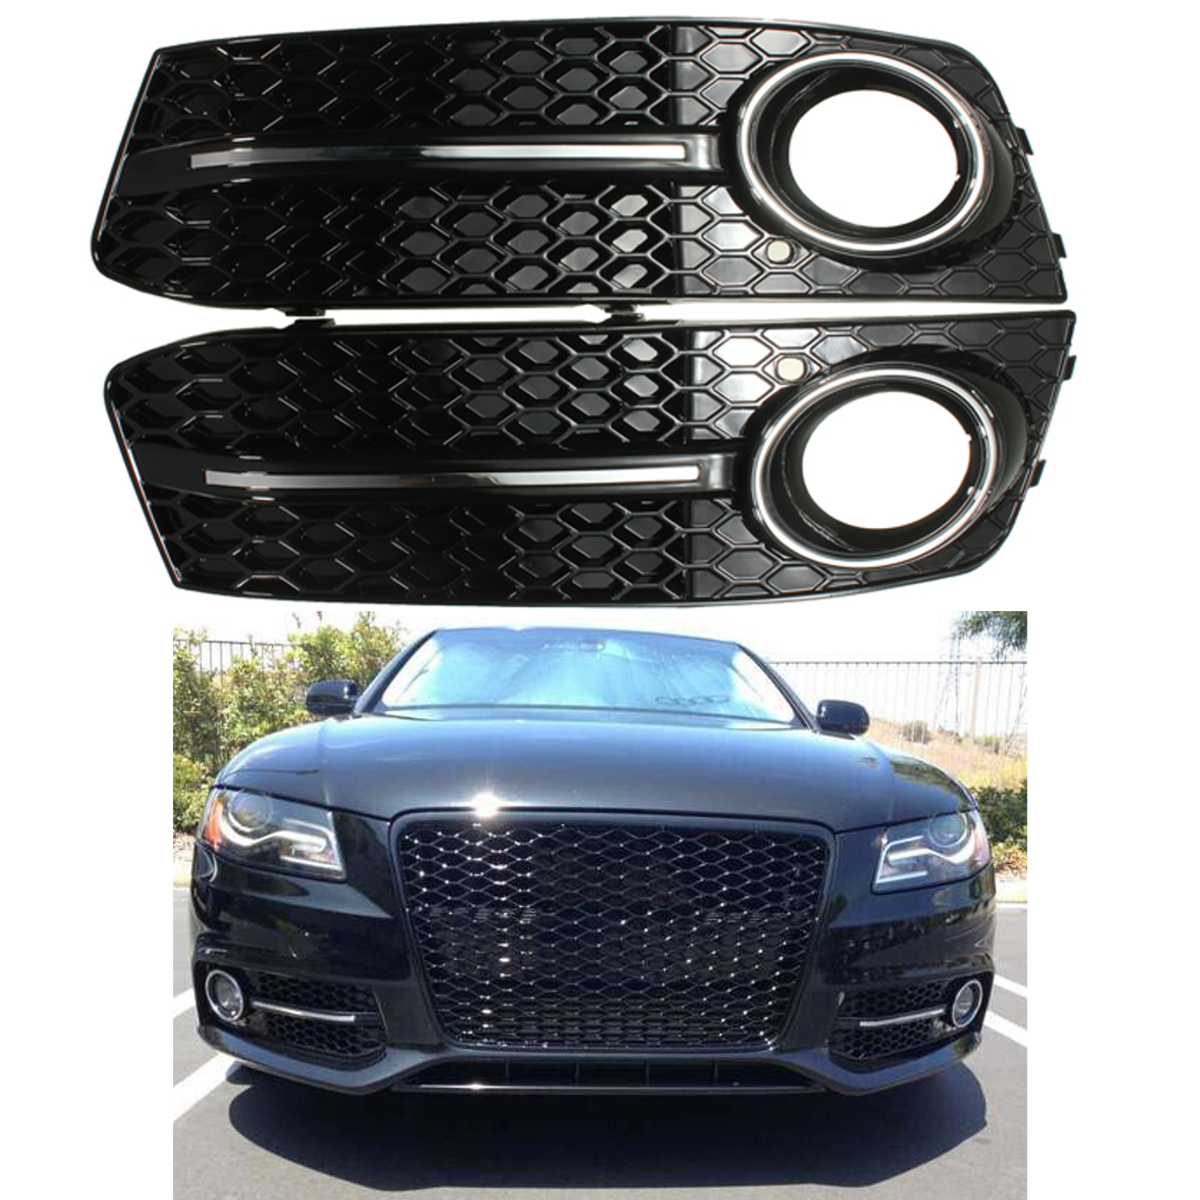 زوج المصد الأمامي لمعان أسود الضباب غطاء خفيف الشوايات لأودي A4 B8 ل VW 2009 2010 2011 تصفيف السيارة